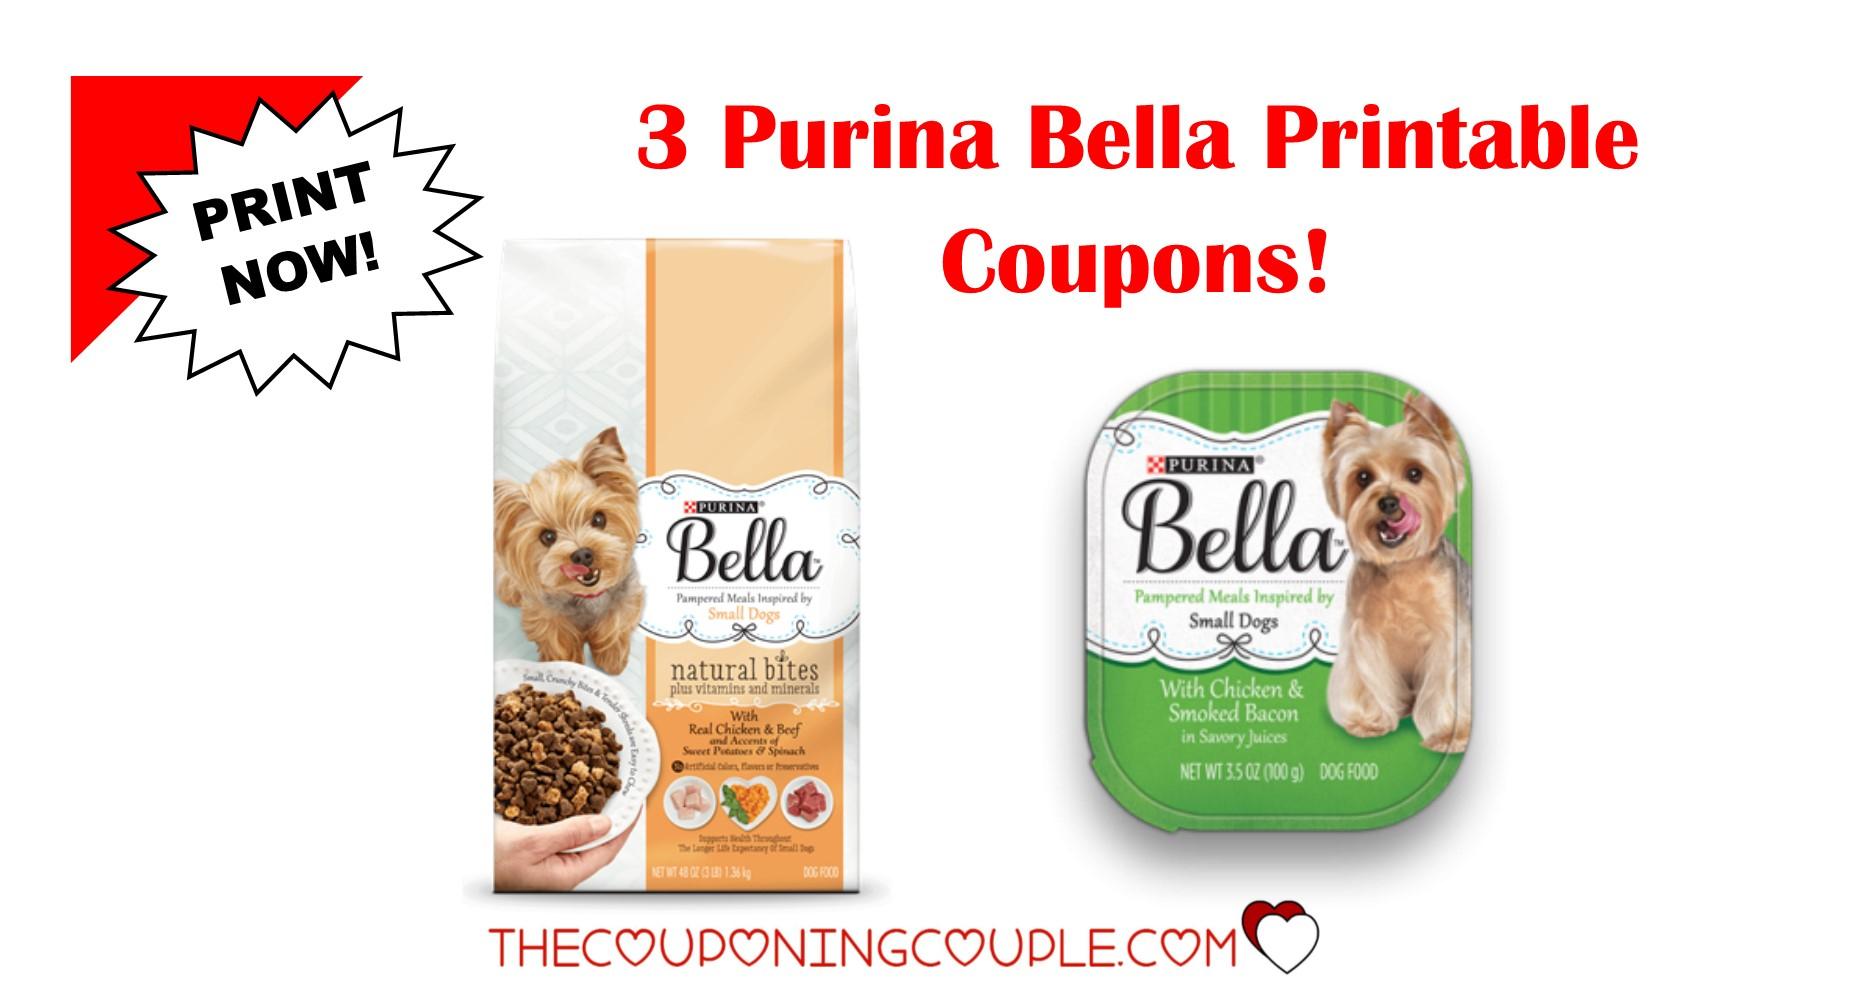 3 New Purina Bella Dog Food Printable Coupons ~ Print Now! - Free Printable Dog Food Coupons